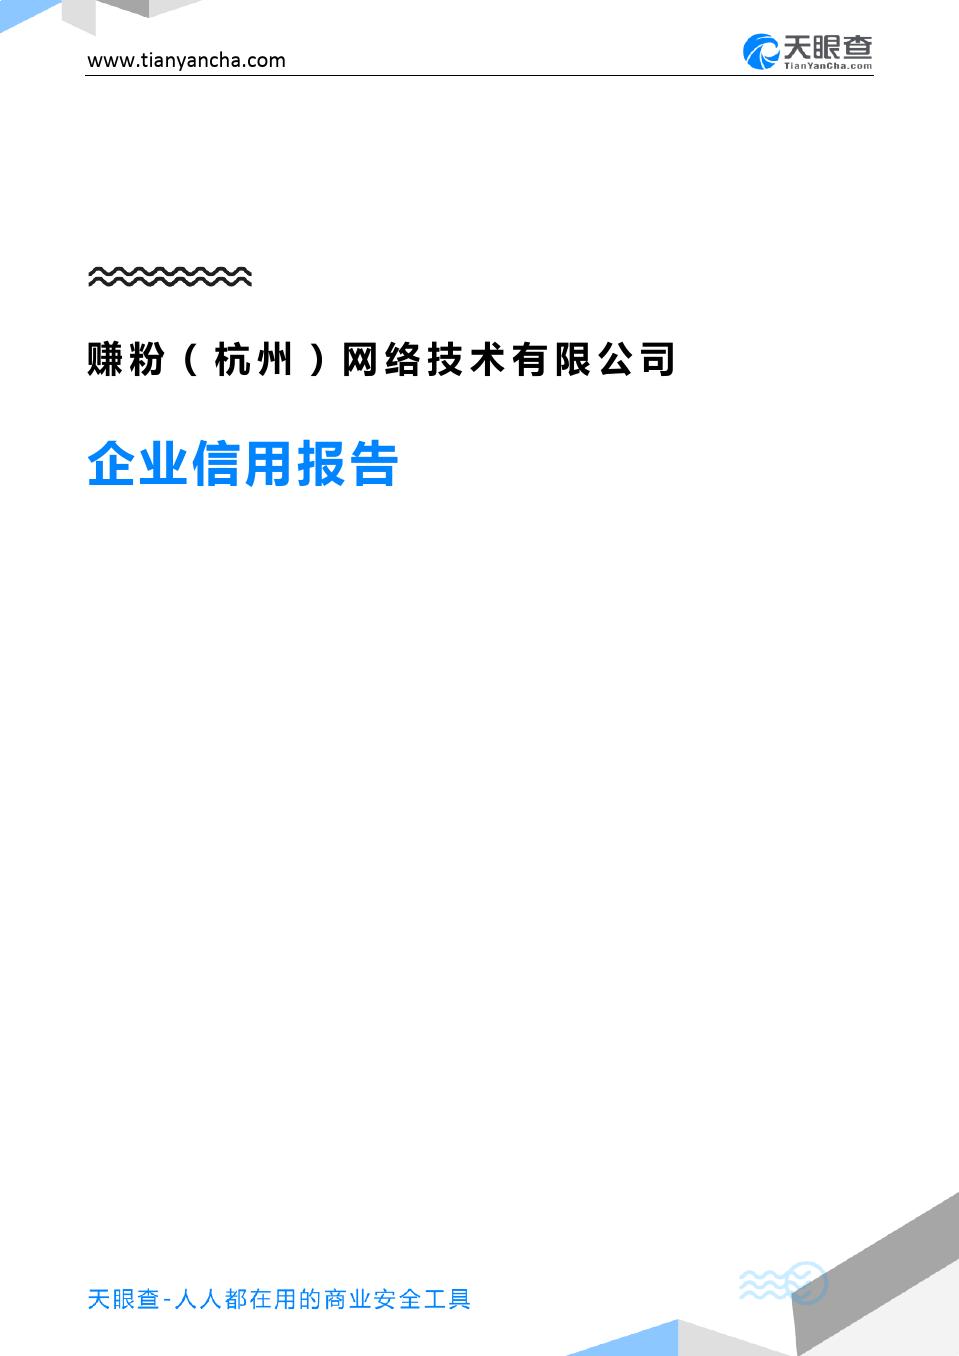 赚粉(杭州)网络技术有限公司(企业信用报告)- 天眼查